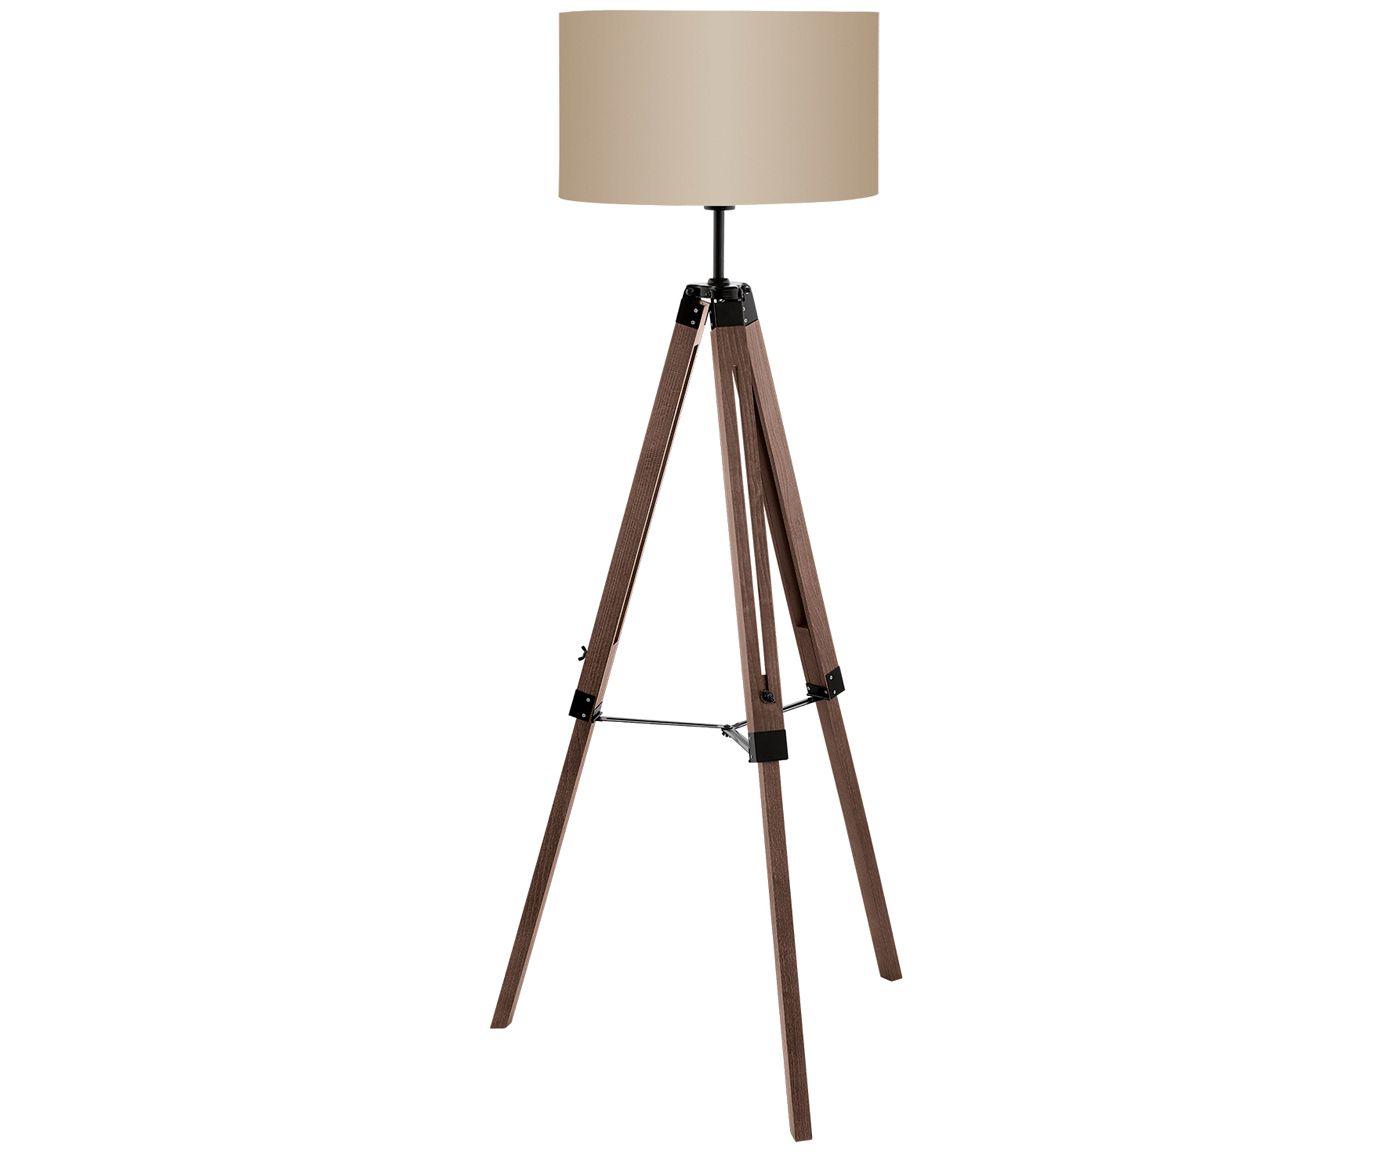 Stehlampe Matilda Aus Holz Hohenverstellbar Mit Bildern